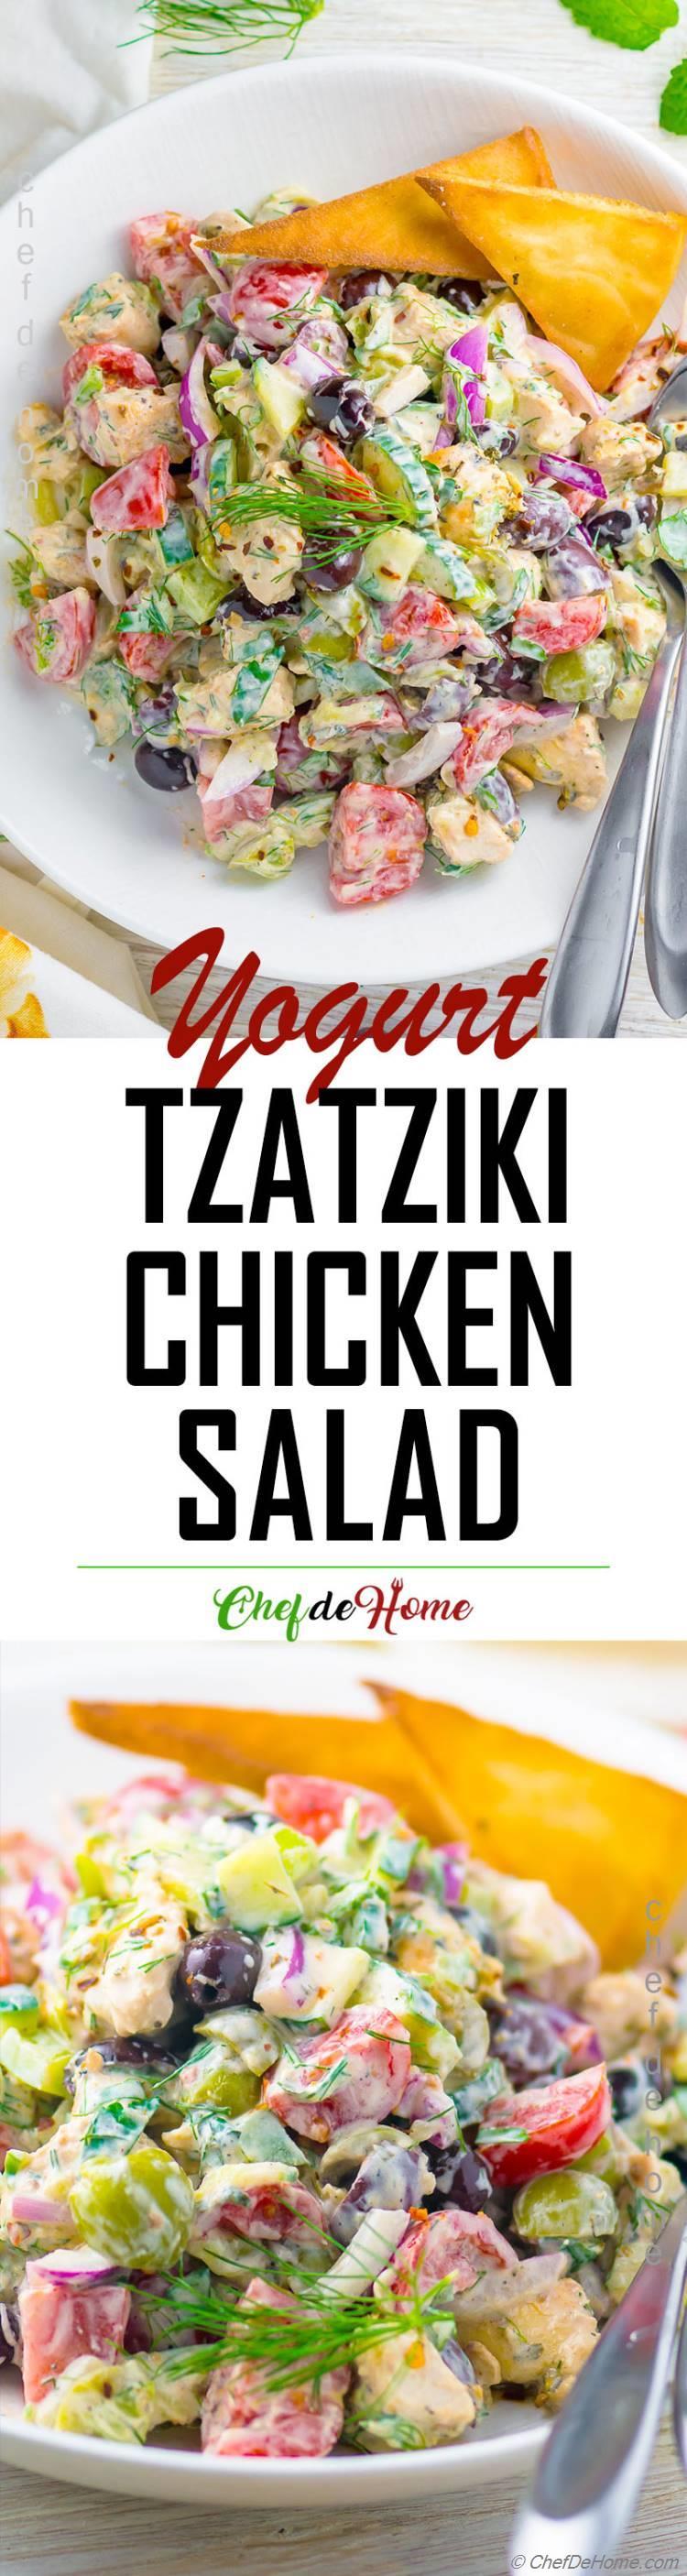 Tzatziki Chicken Salad with Yogurt Dressing Gluten free Cucumber Chicken Yogurt Salad